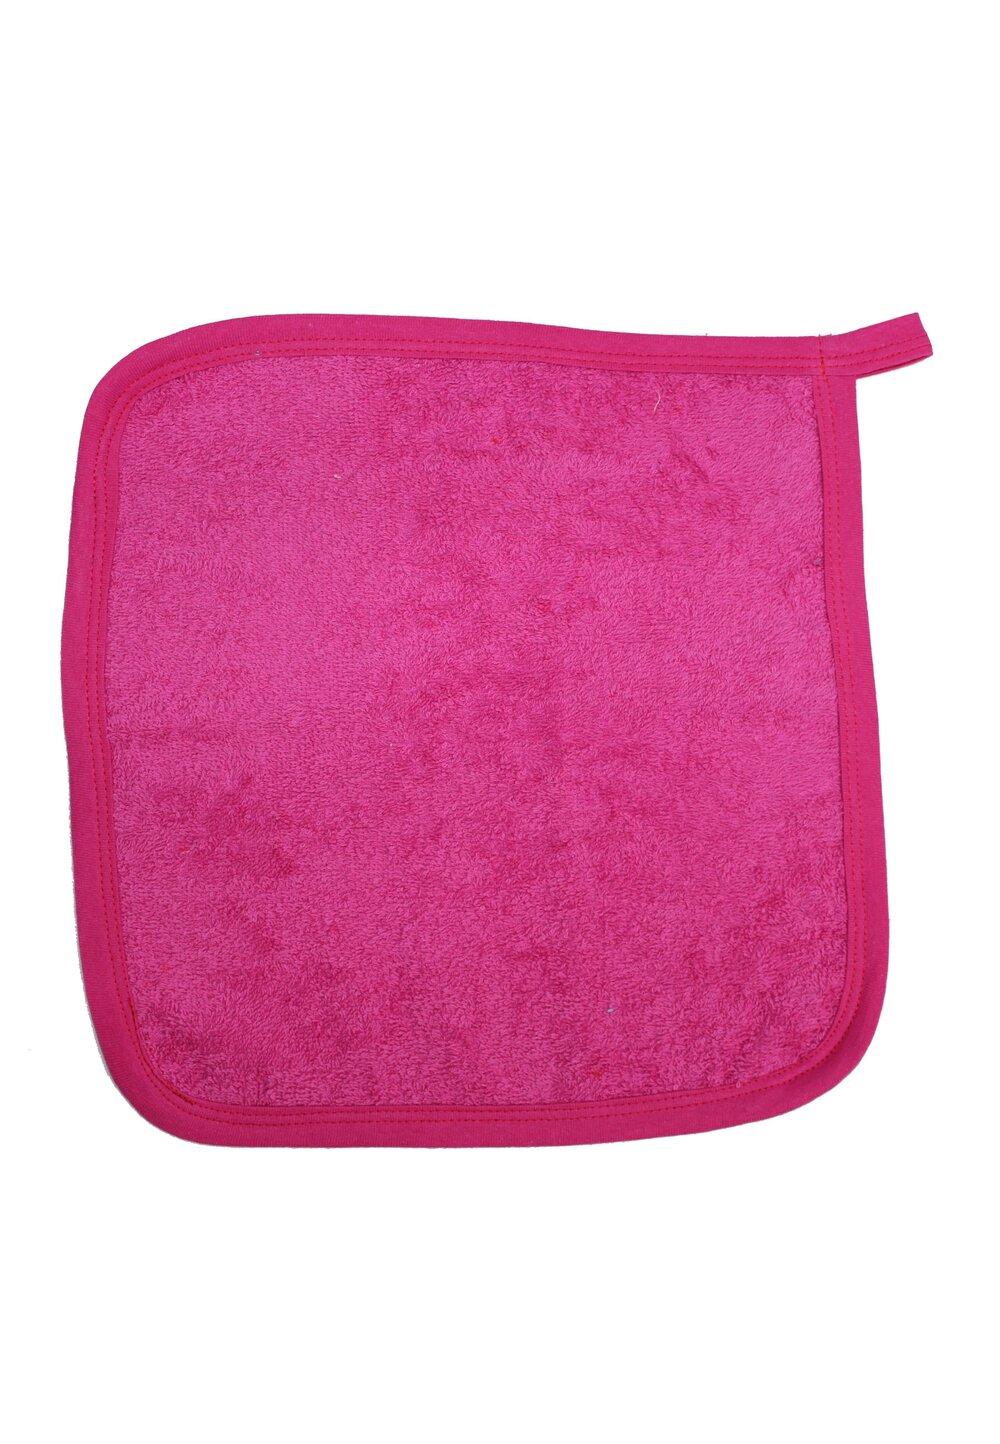 Prosop de maini, roz inchis, 30x30cm imagine